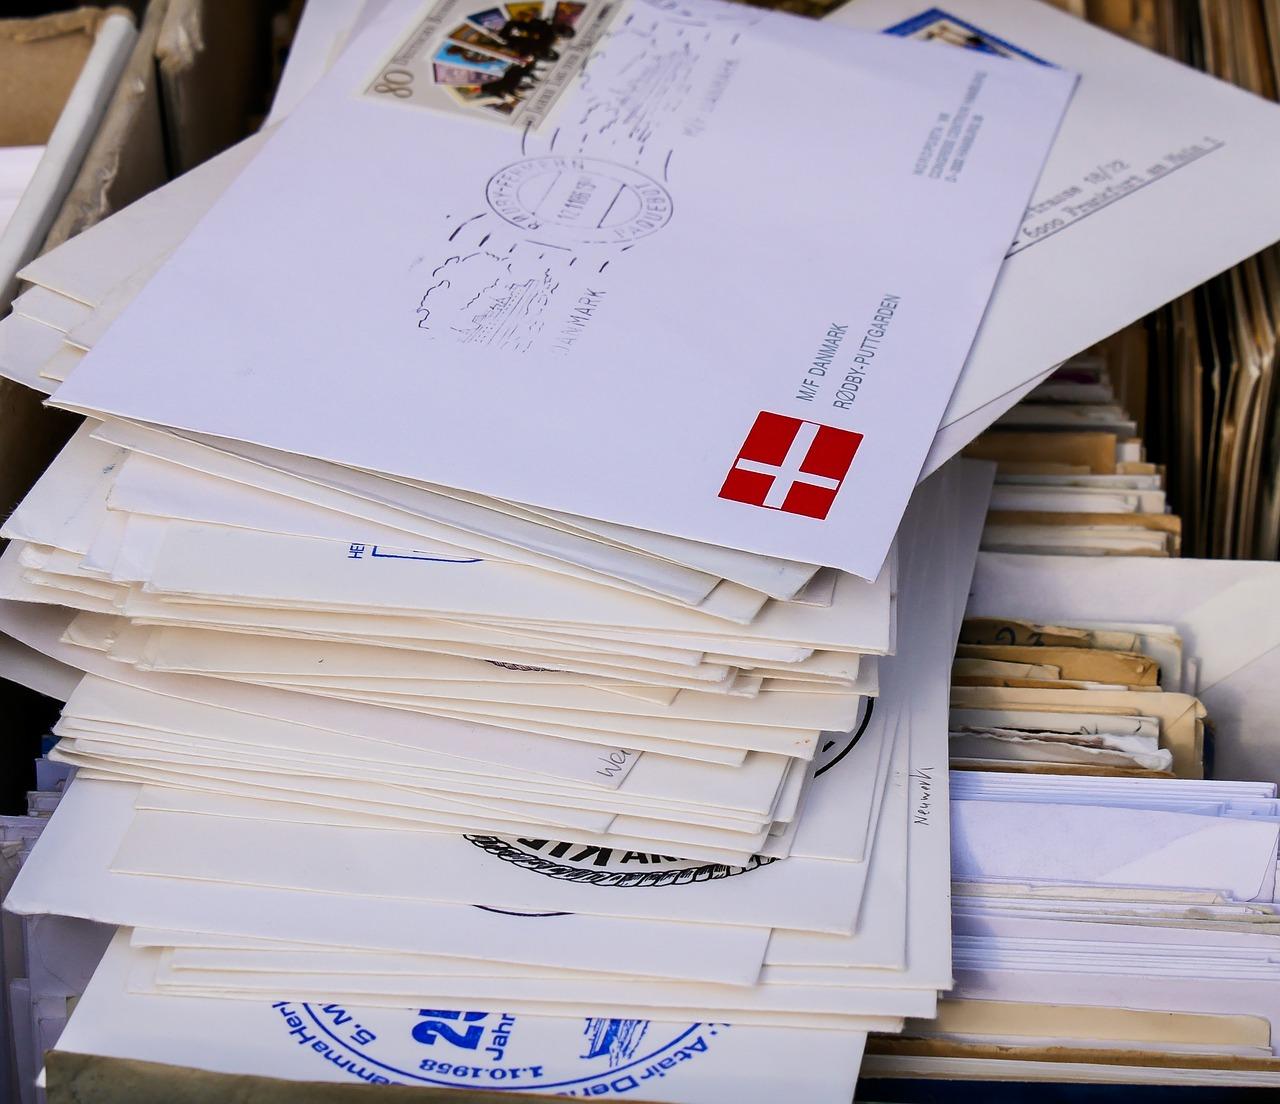 【切手 棚卸】切手や収入印紙も棚卸資産について